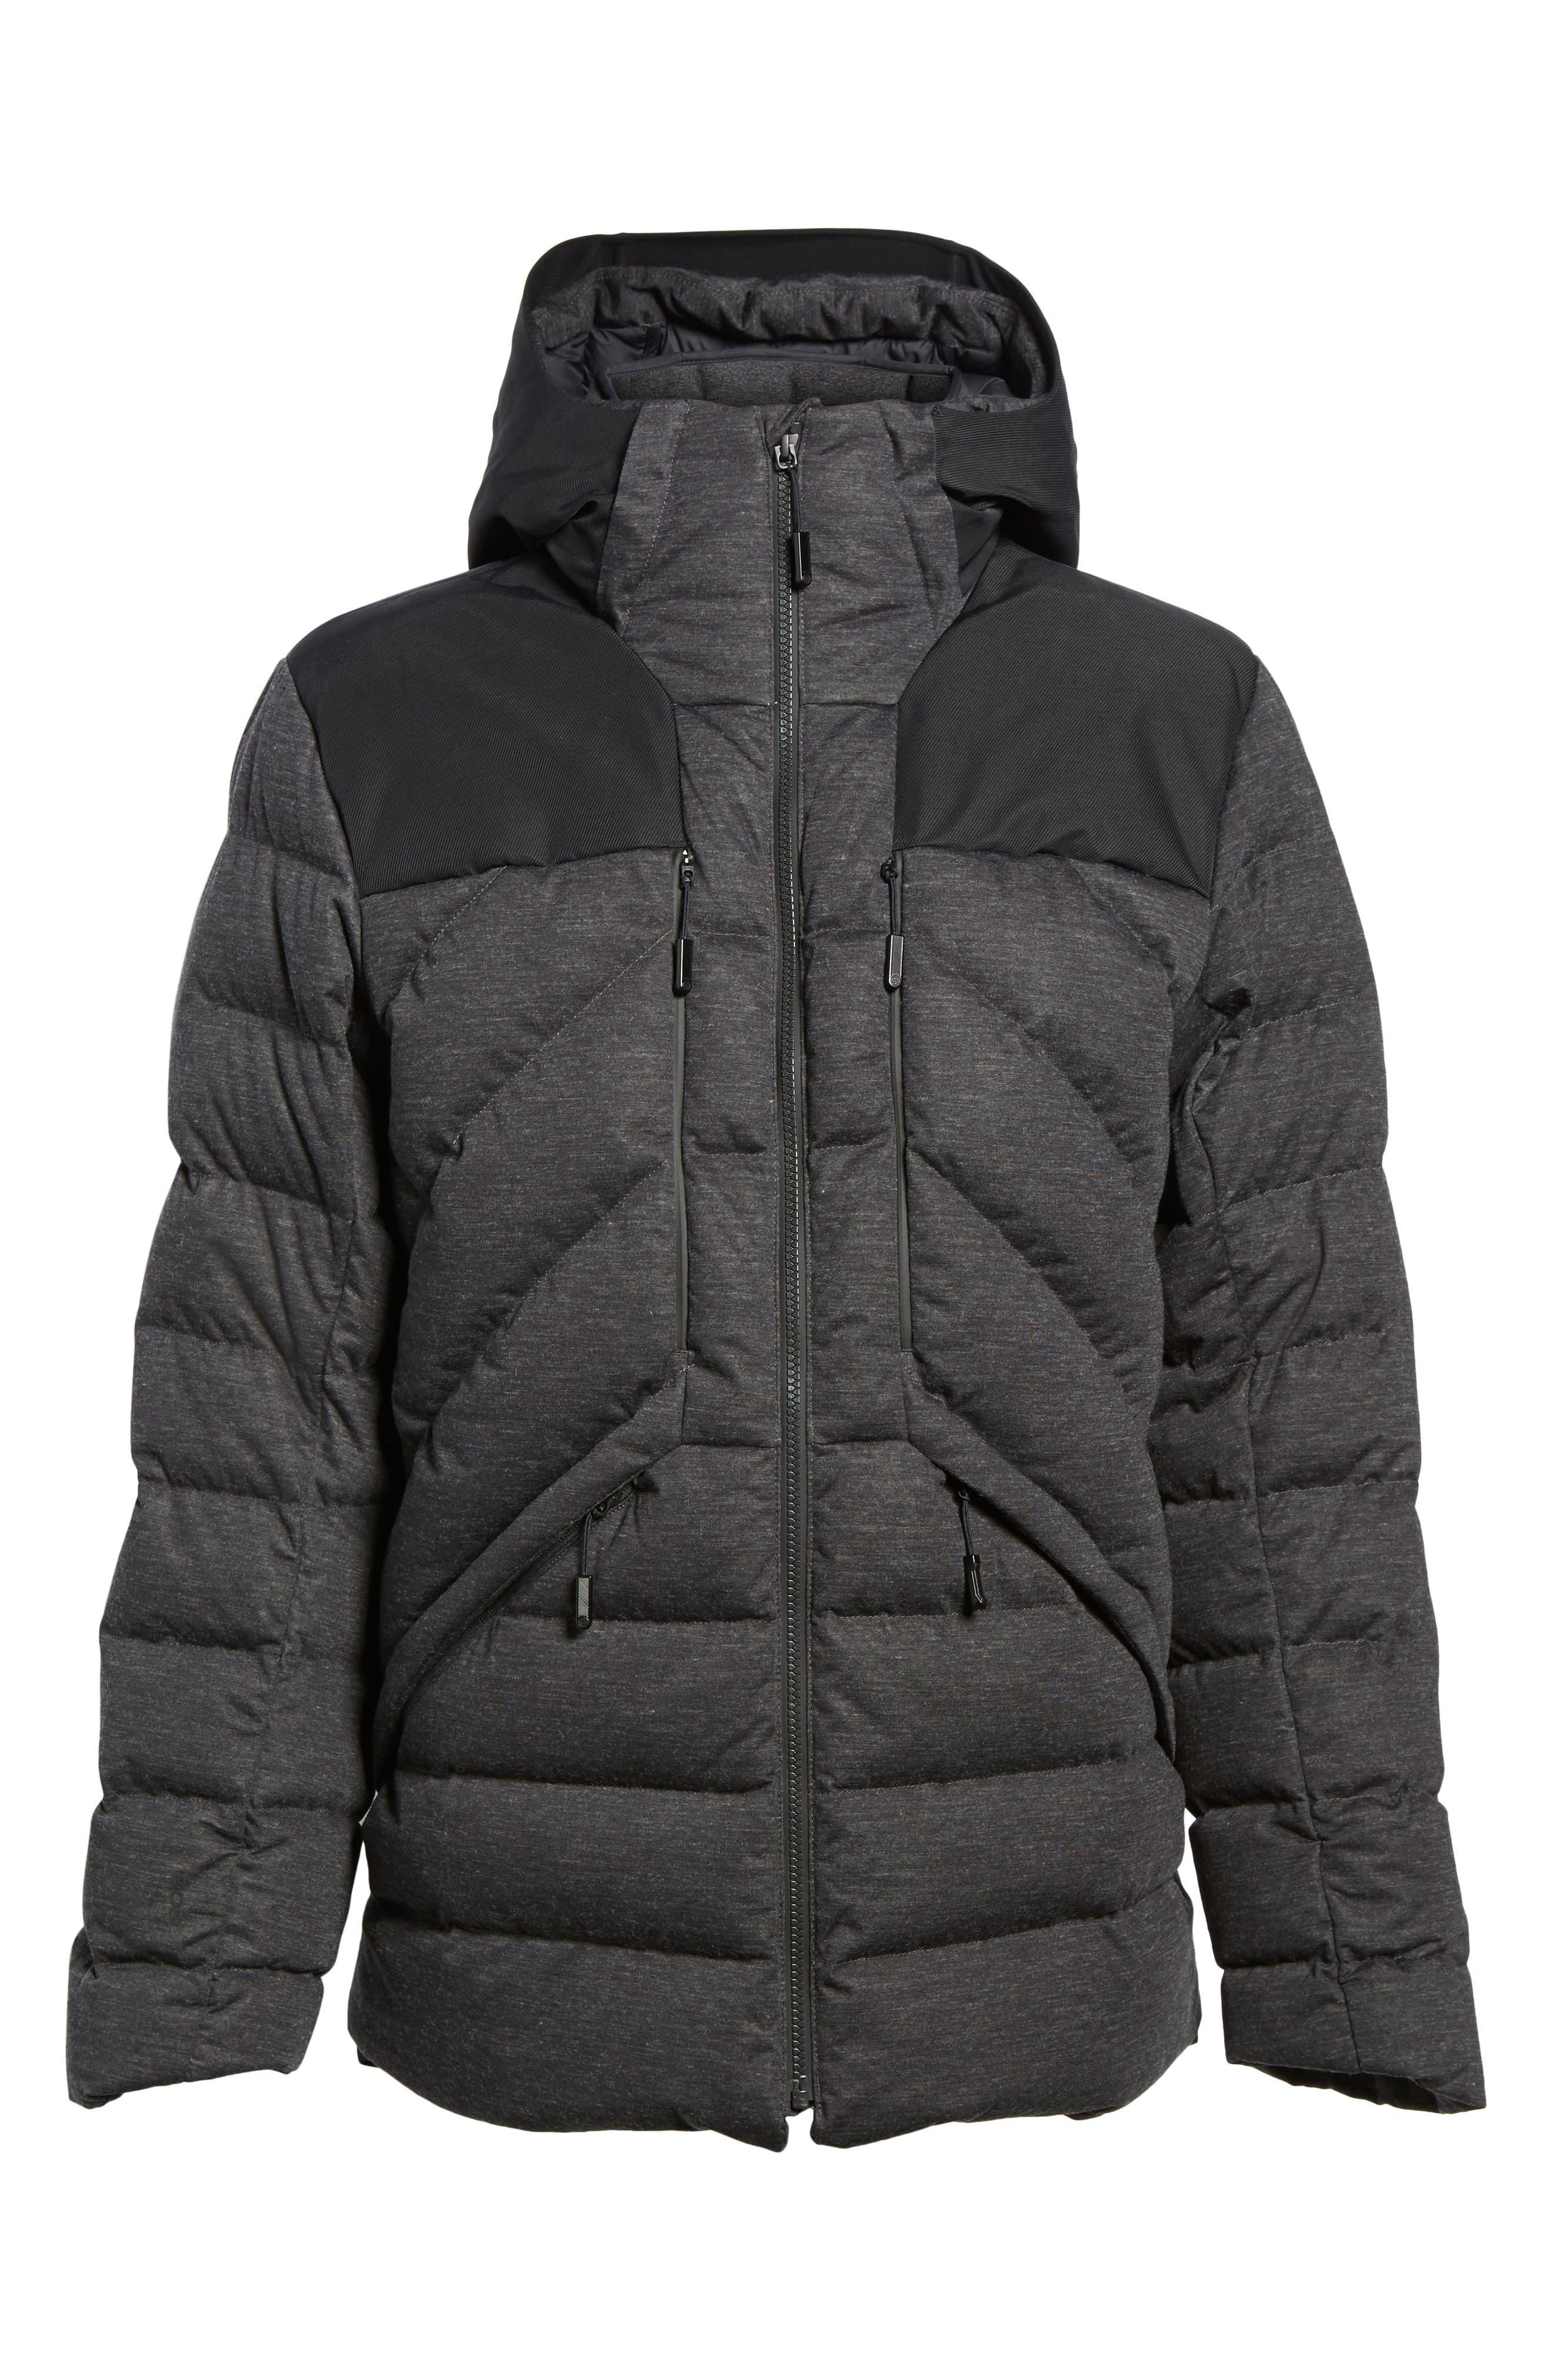 Cryos Waterproof Down Jacket,                             Alternate thumbnail 8, color,                             Dark Grey Heather